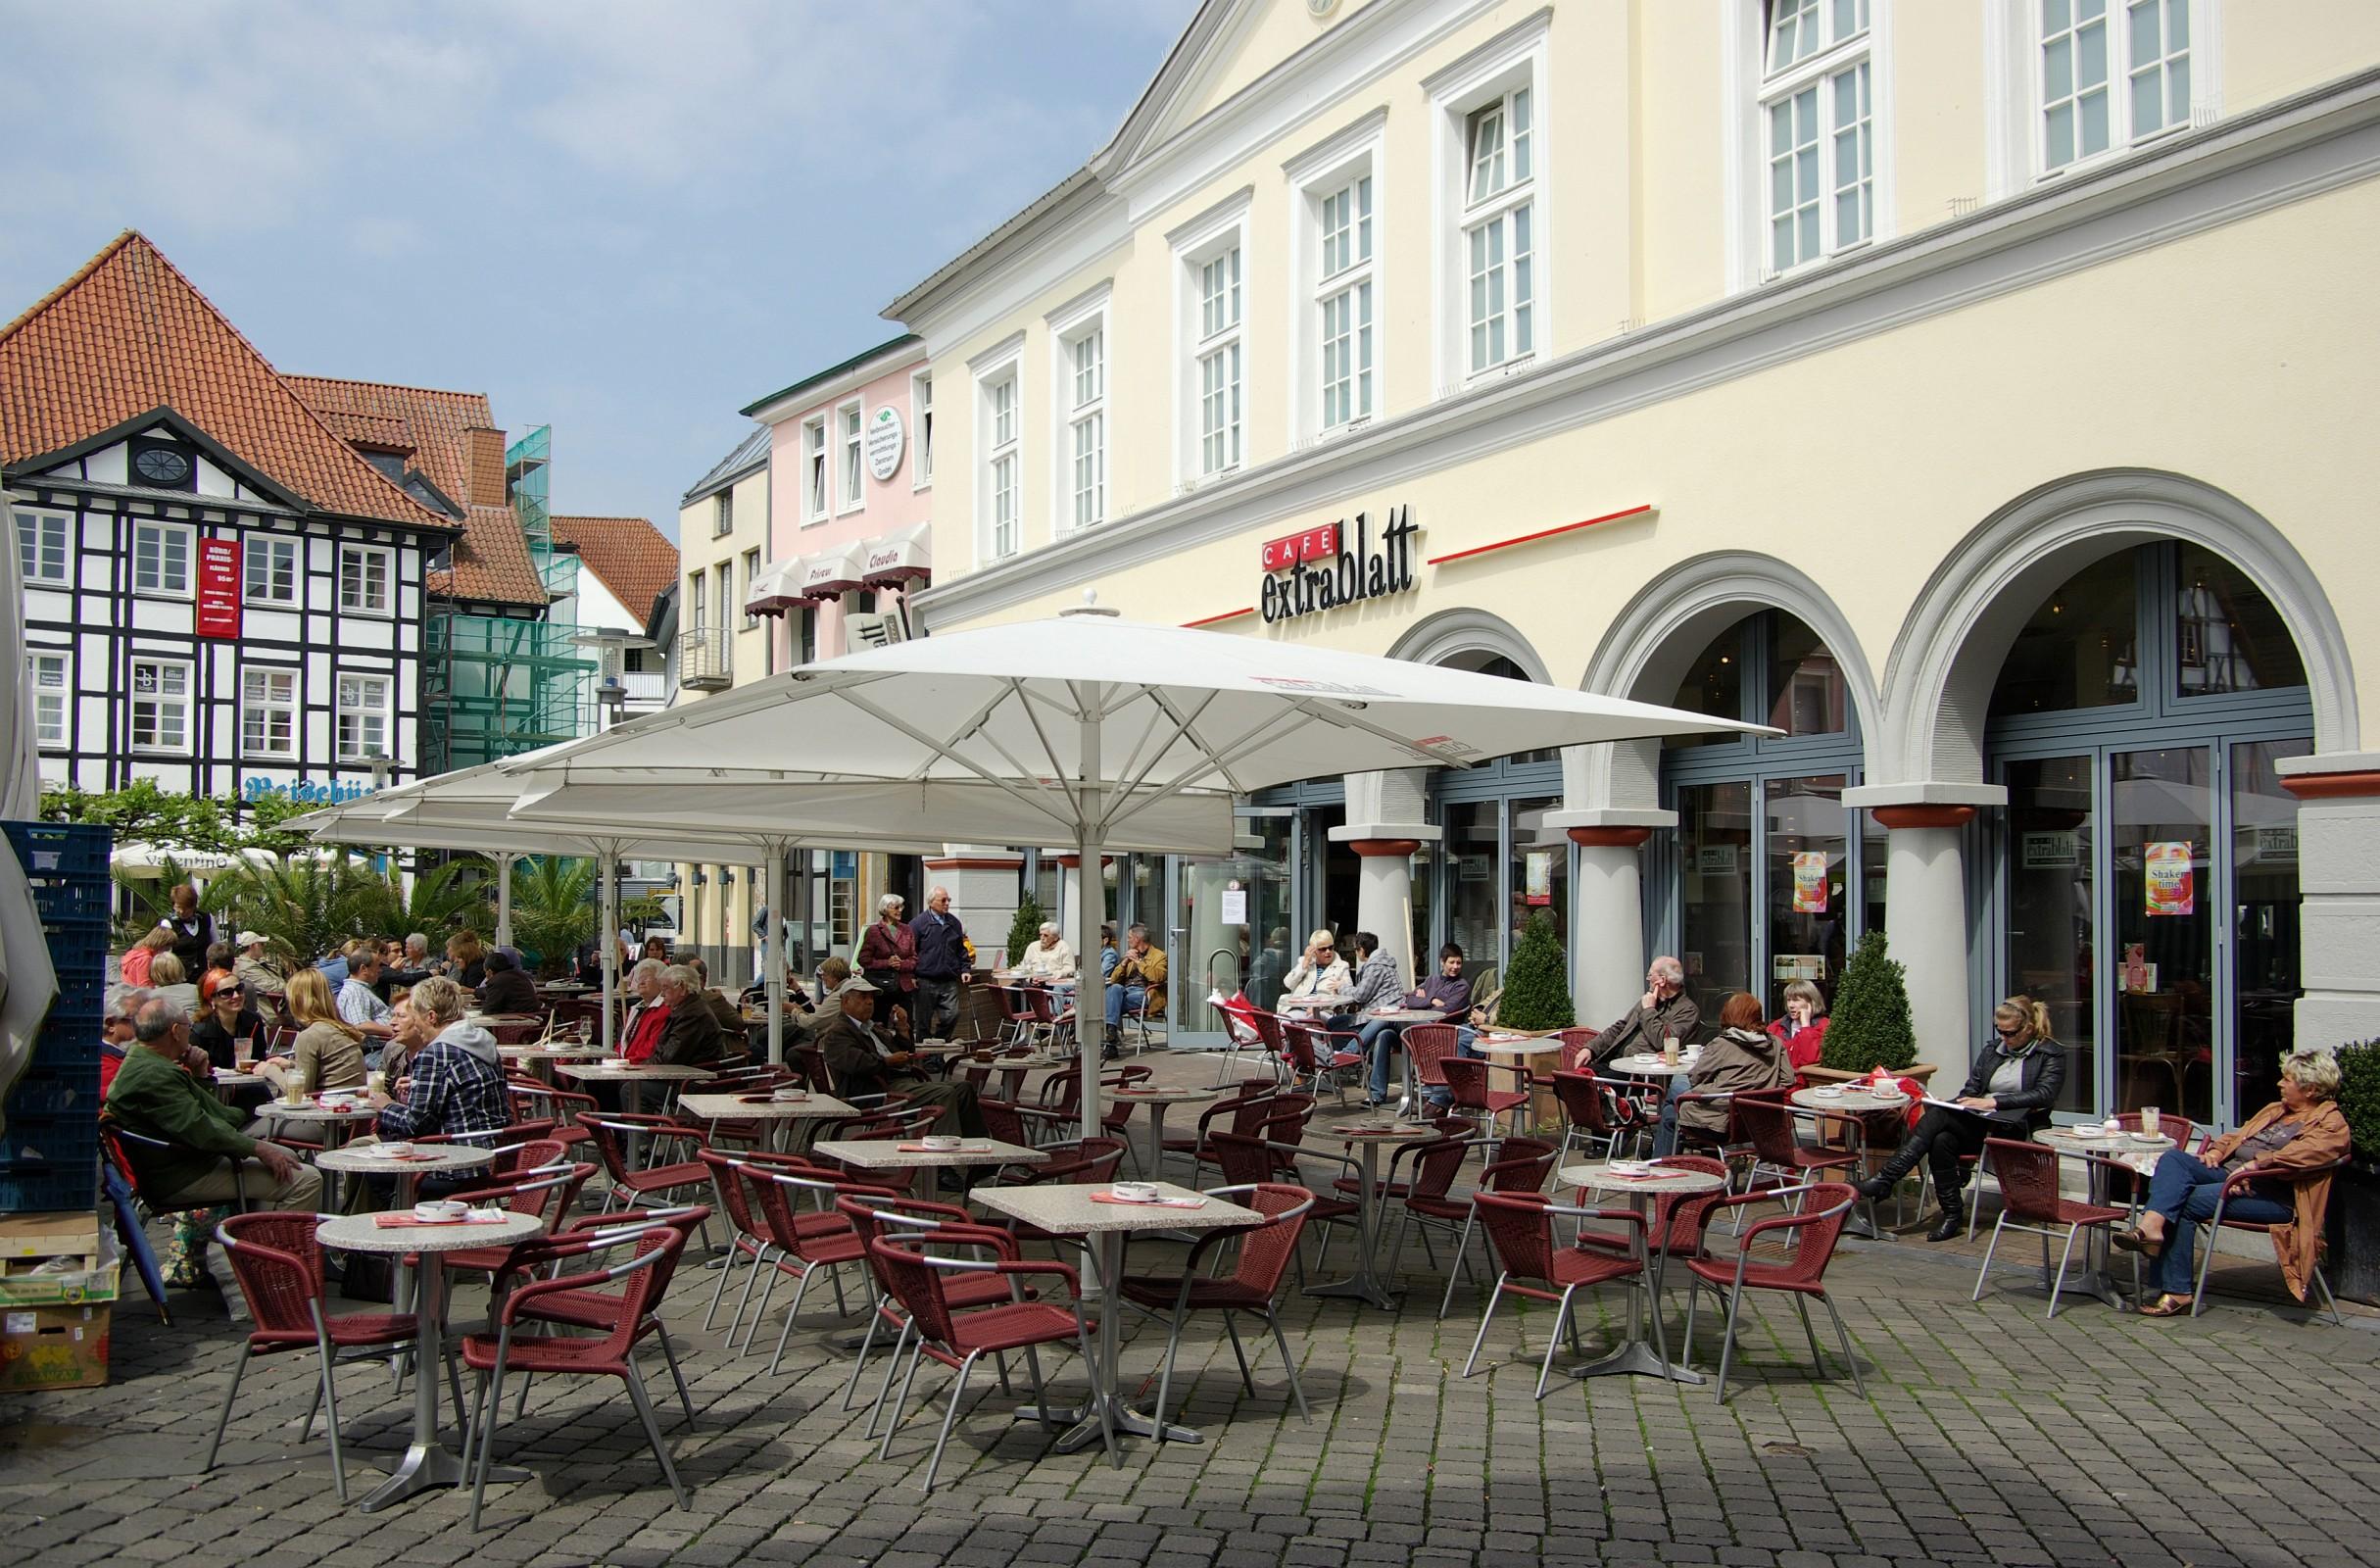 Cafe Extrablatt Unna Fr Ef Bf Bdhst Ef Bf Bdcksbuffet